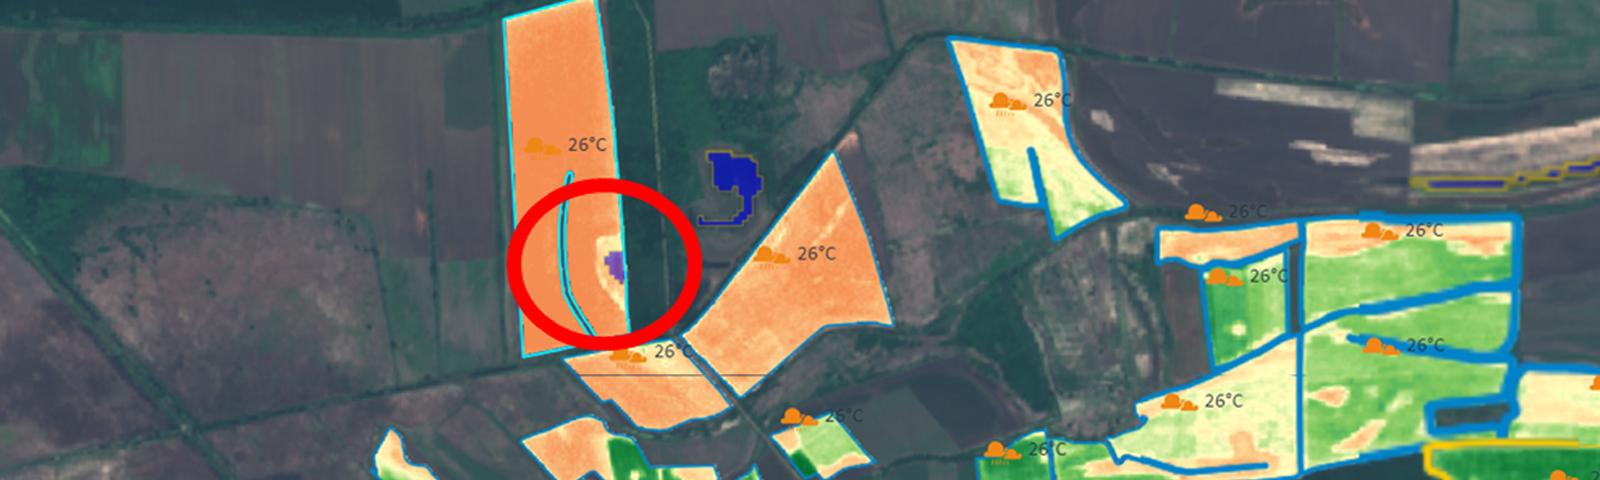 Вижте къде в полето ви се задържа вода с помощта на GeoSCAN